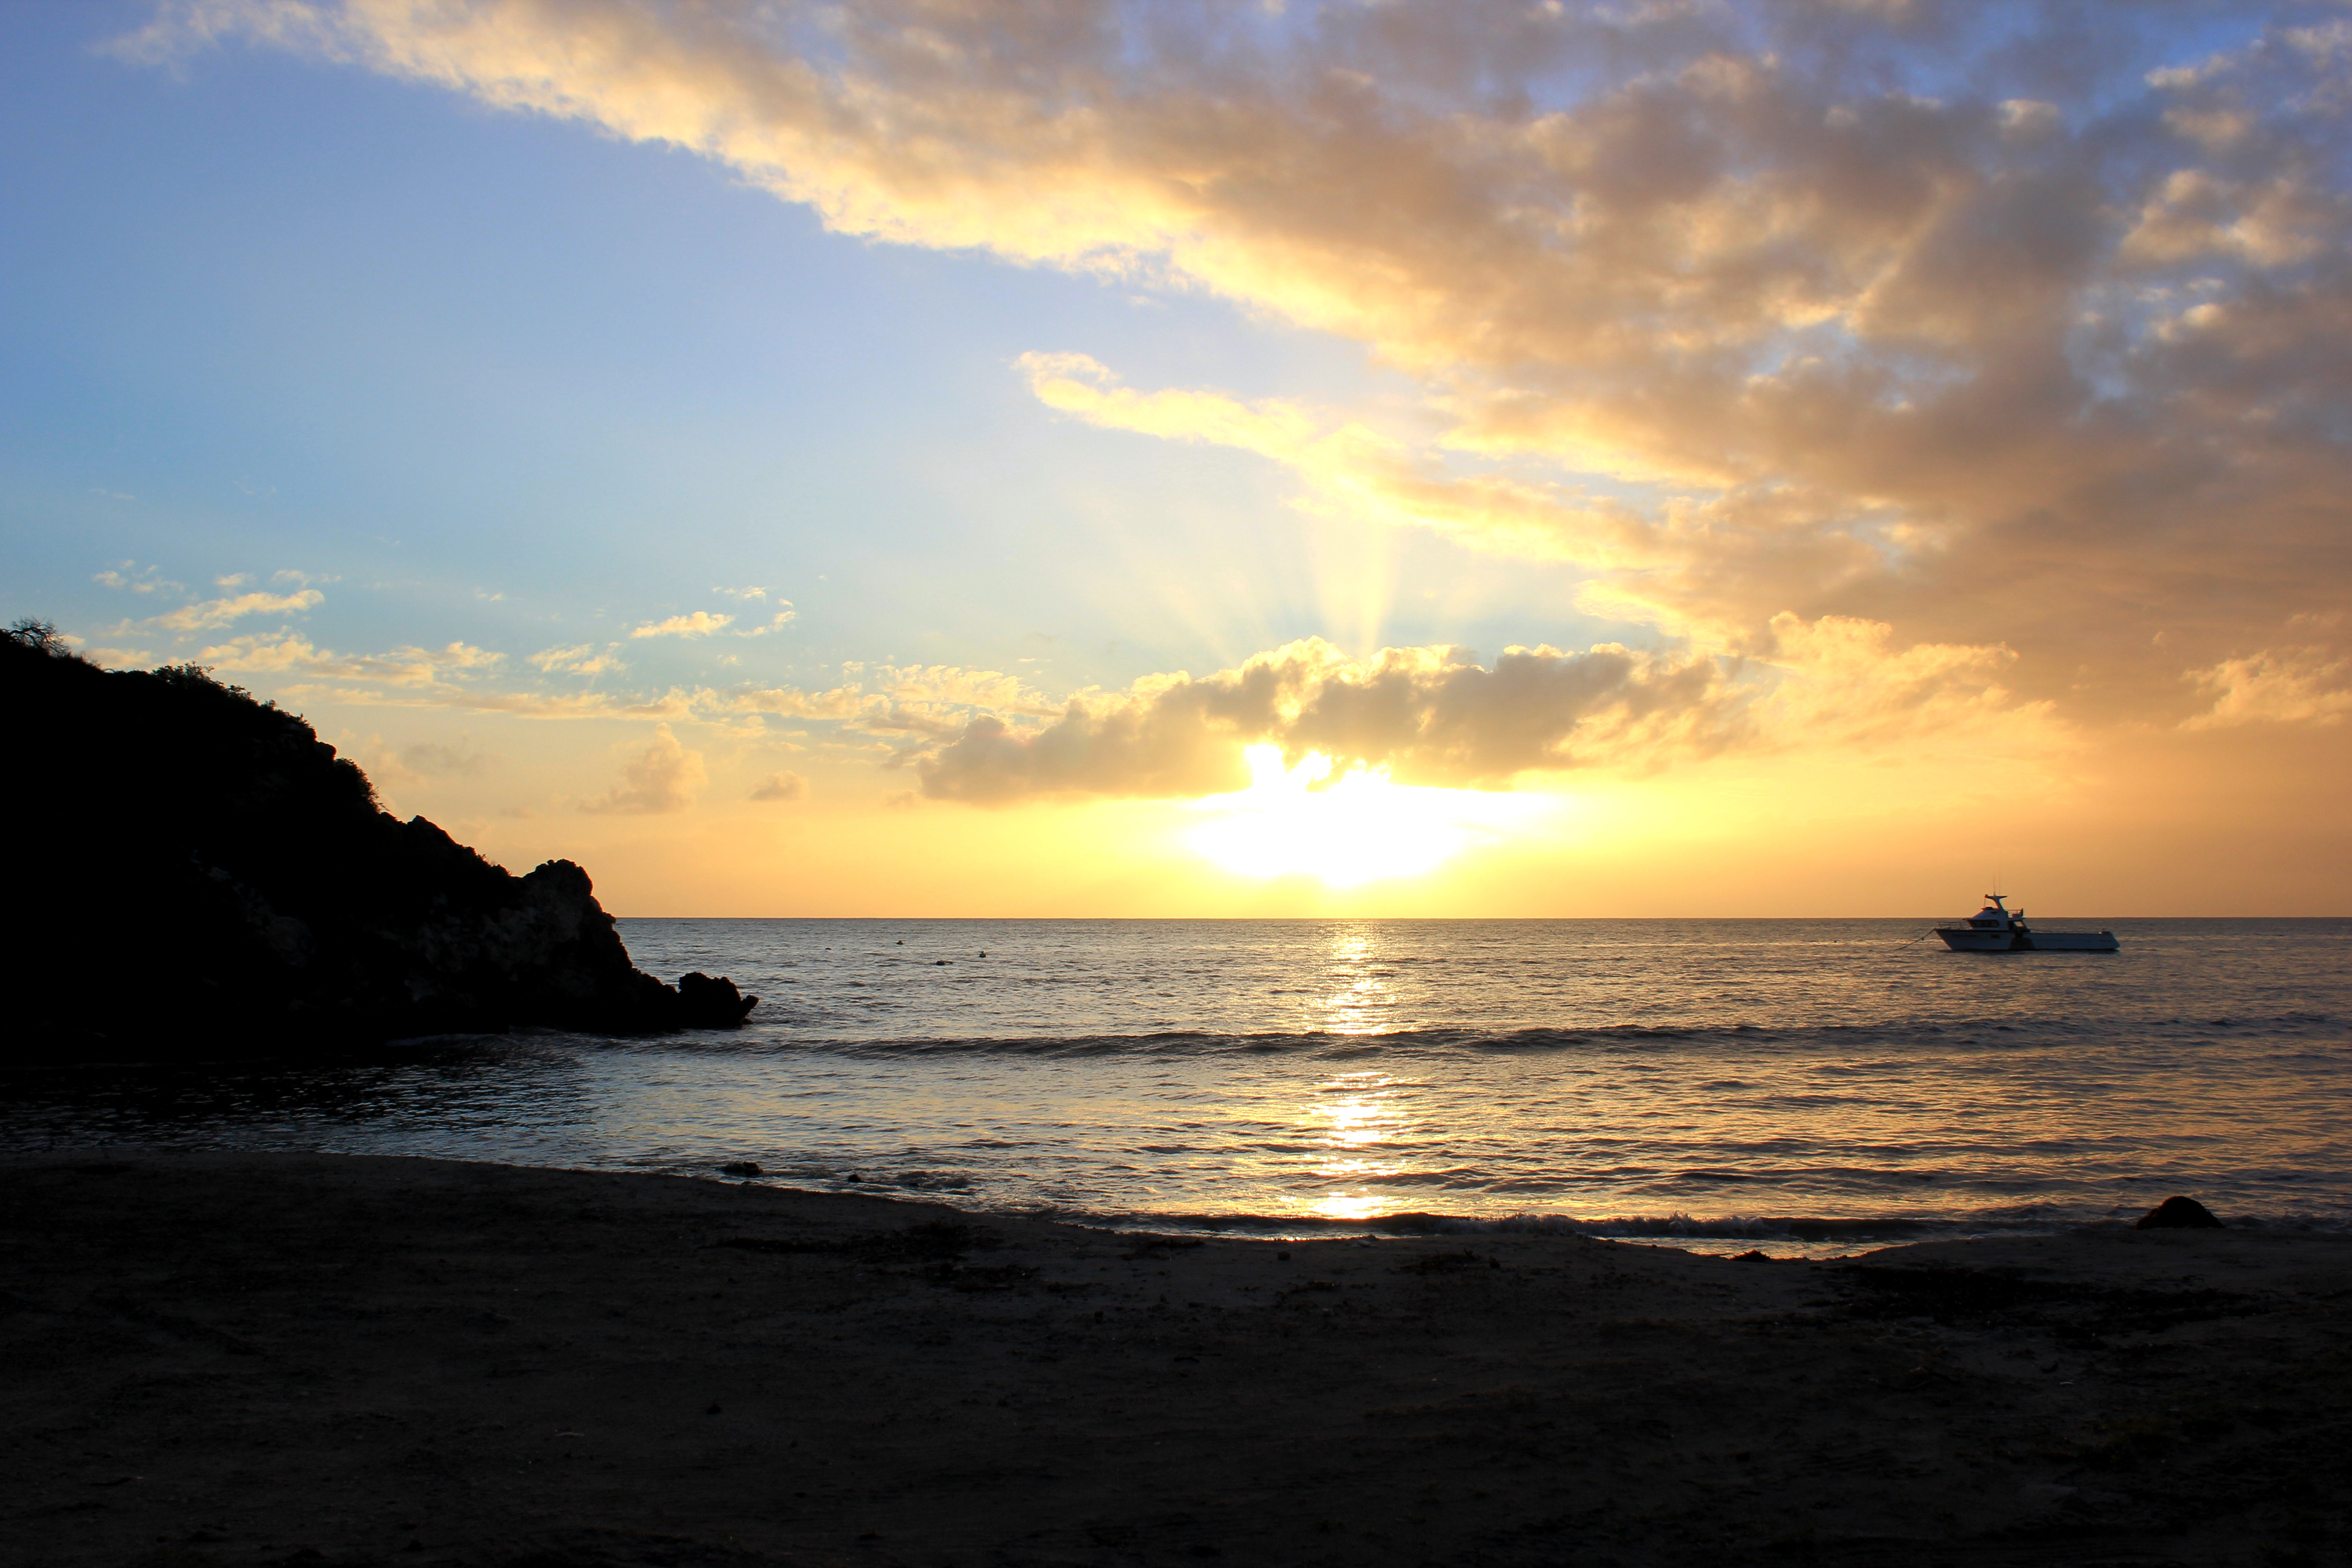 Voyages-et-compagnie.com - Blog voyage | Côte Ouest Australie - Coucher de soleil